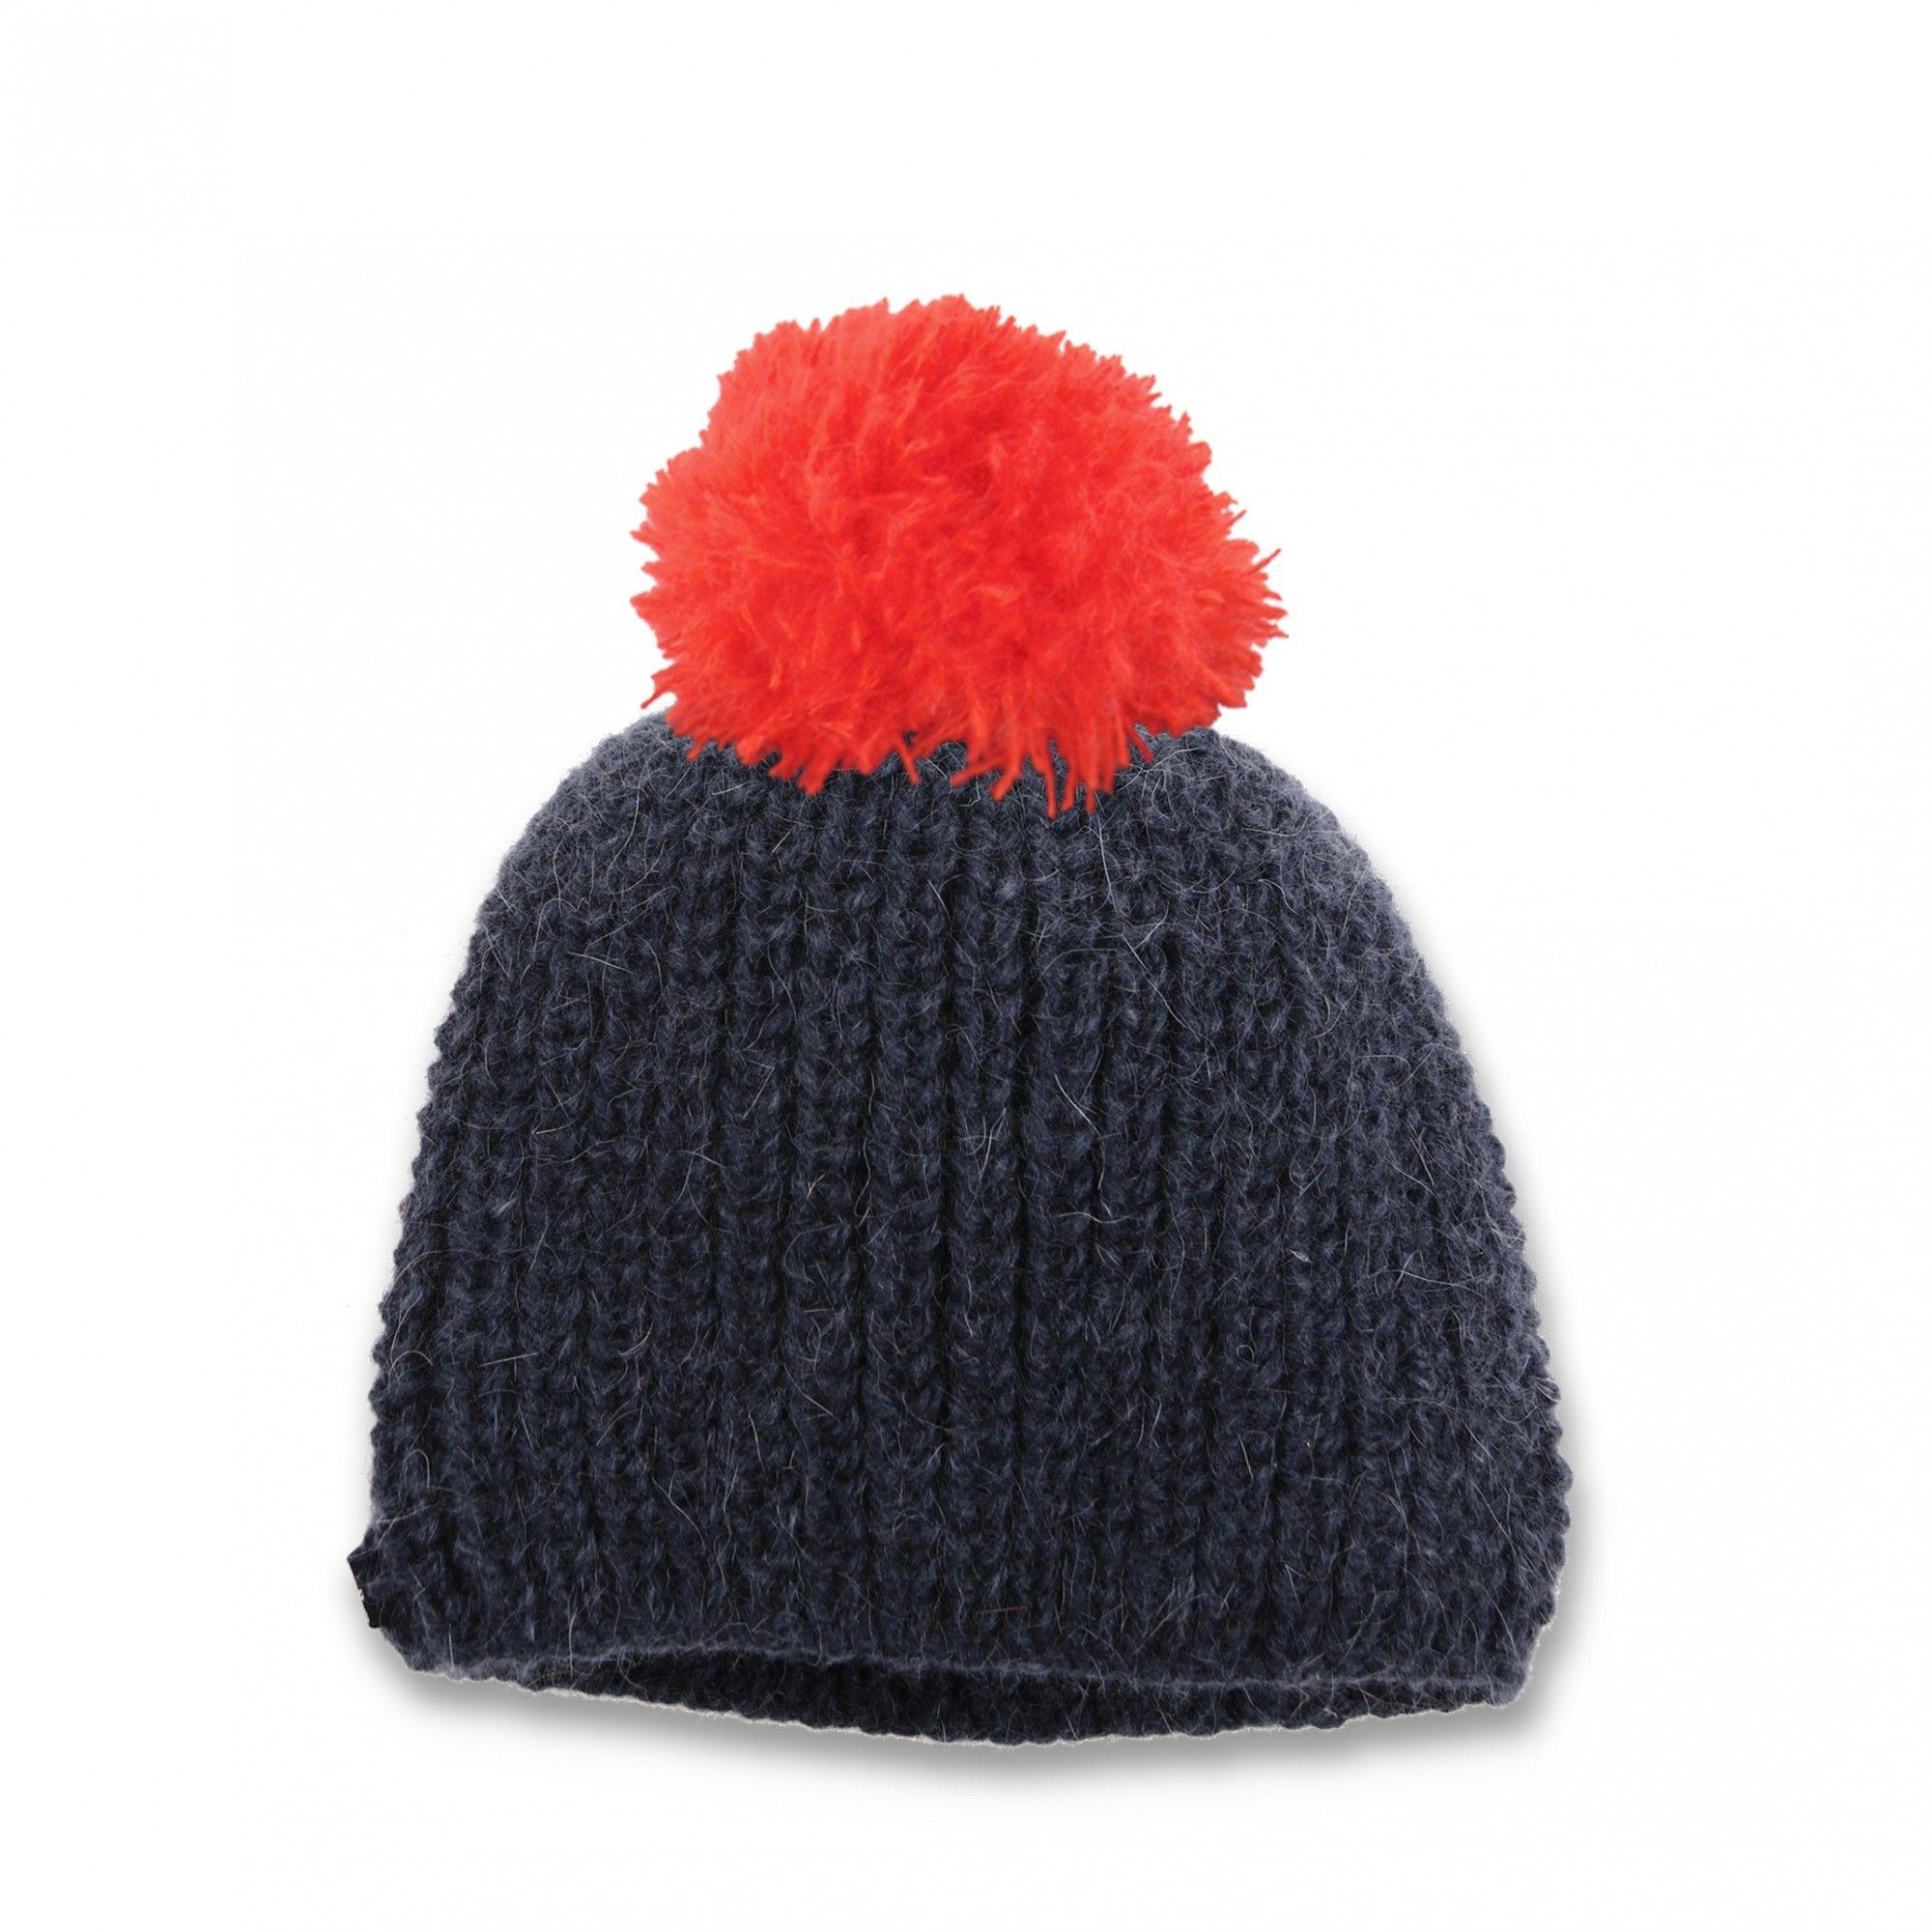 Les tricots de mamy - Bonnet enfant marine avec pompon rouge. Tricoté main  en grosses côtes perlées - Mamy Factory 4e4d3c7e4fb